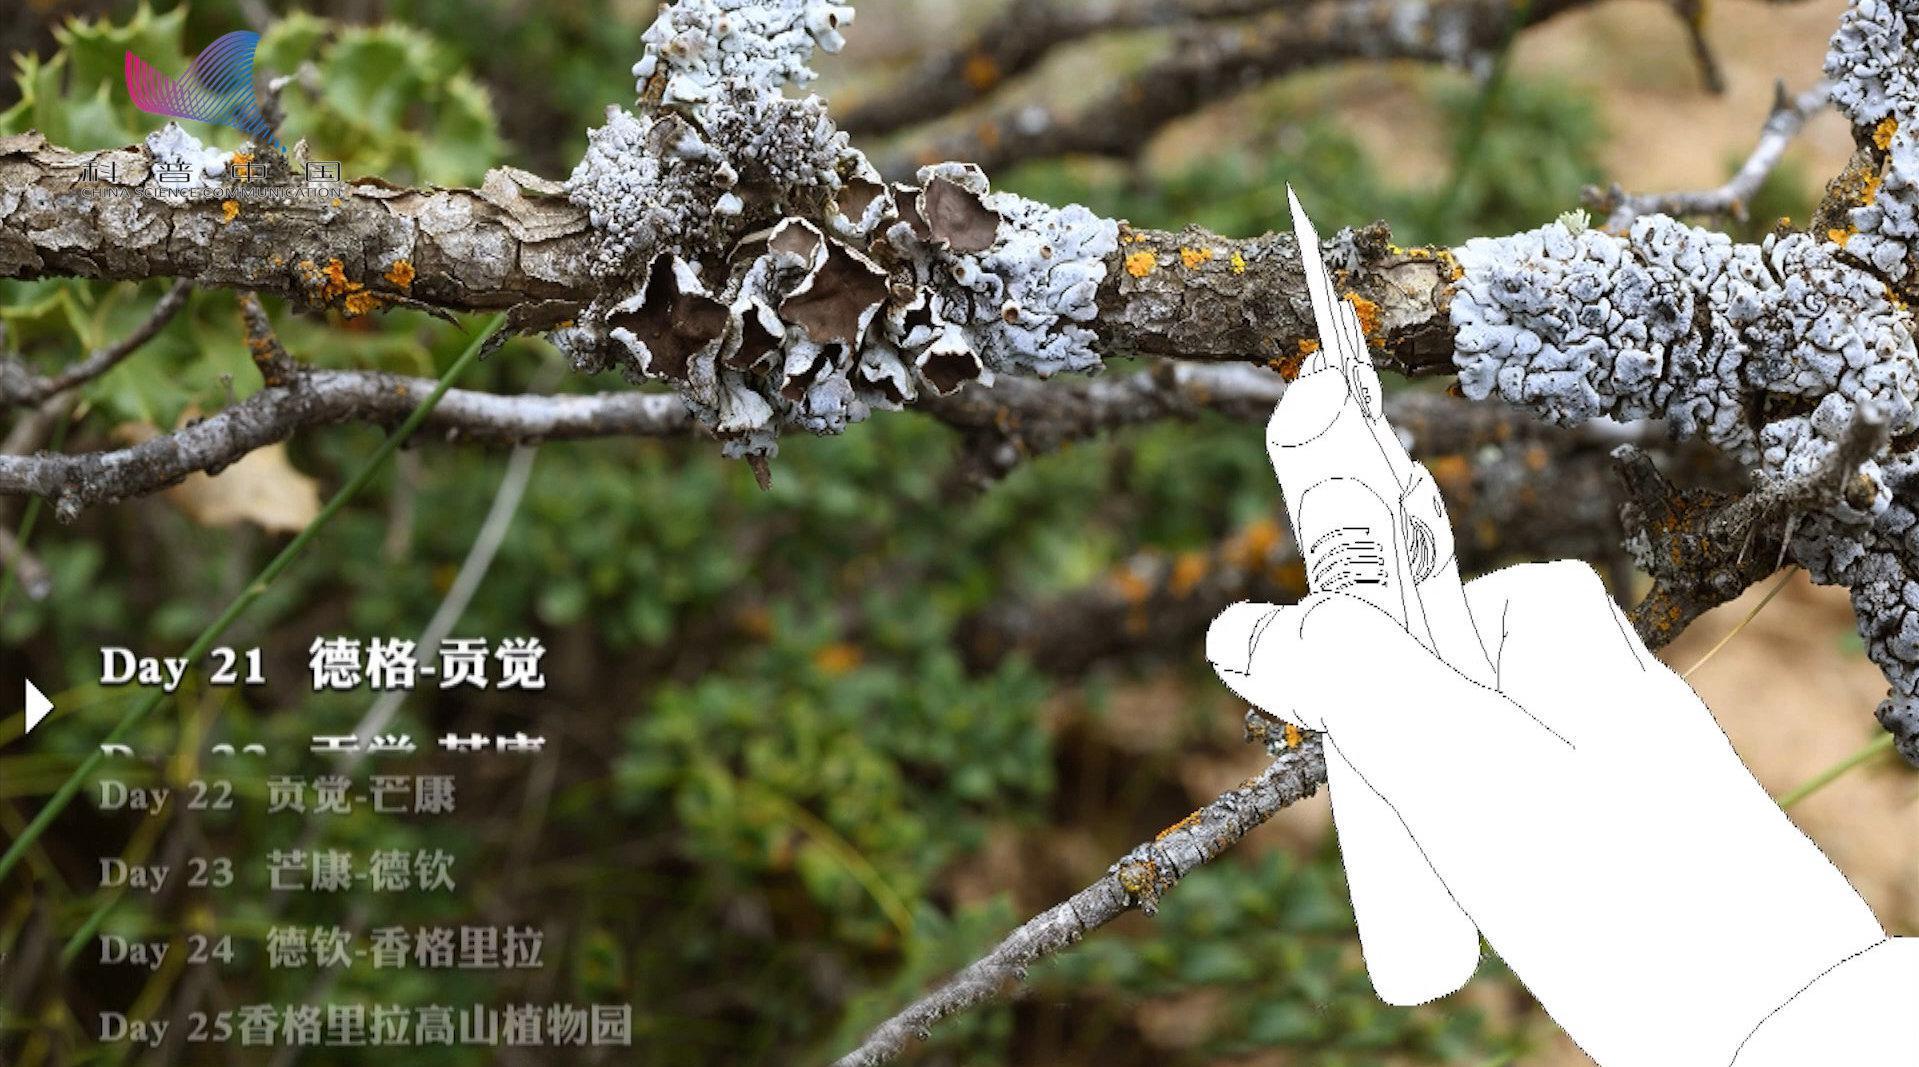 在青藏高原上科考是种什么体验?